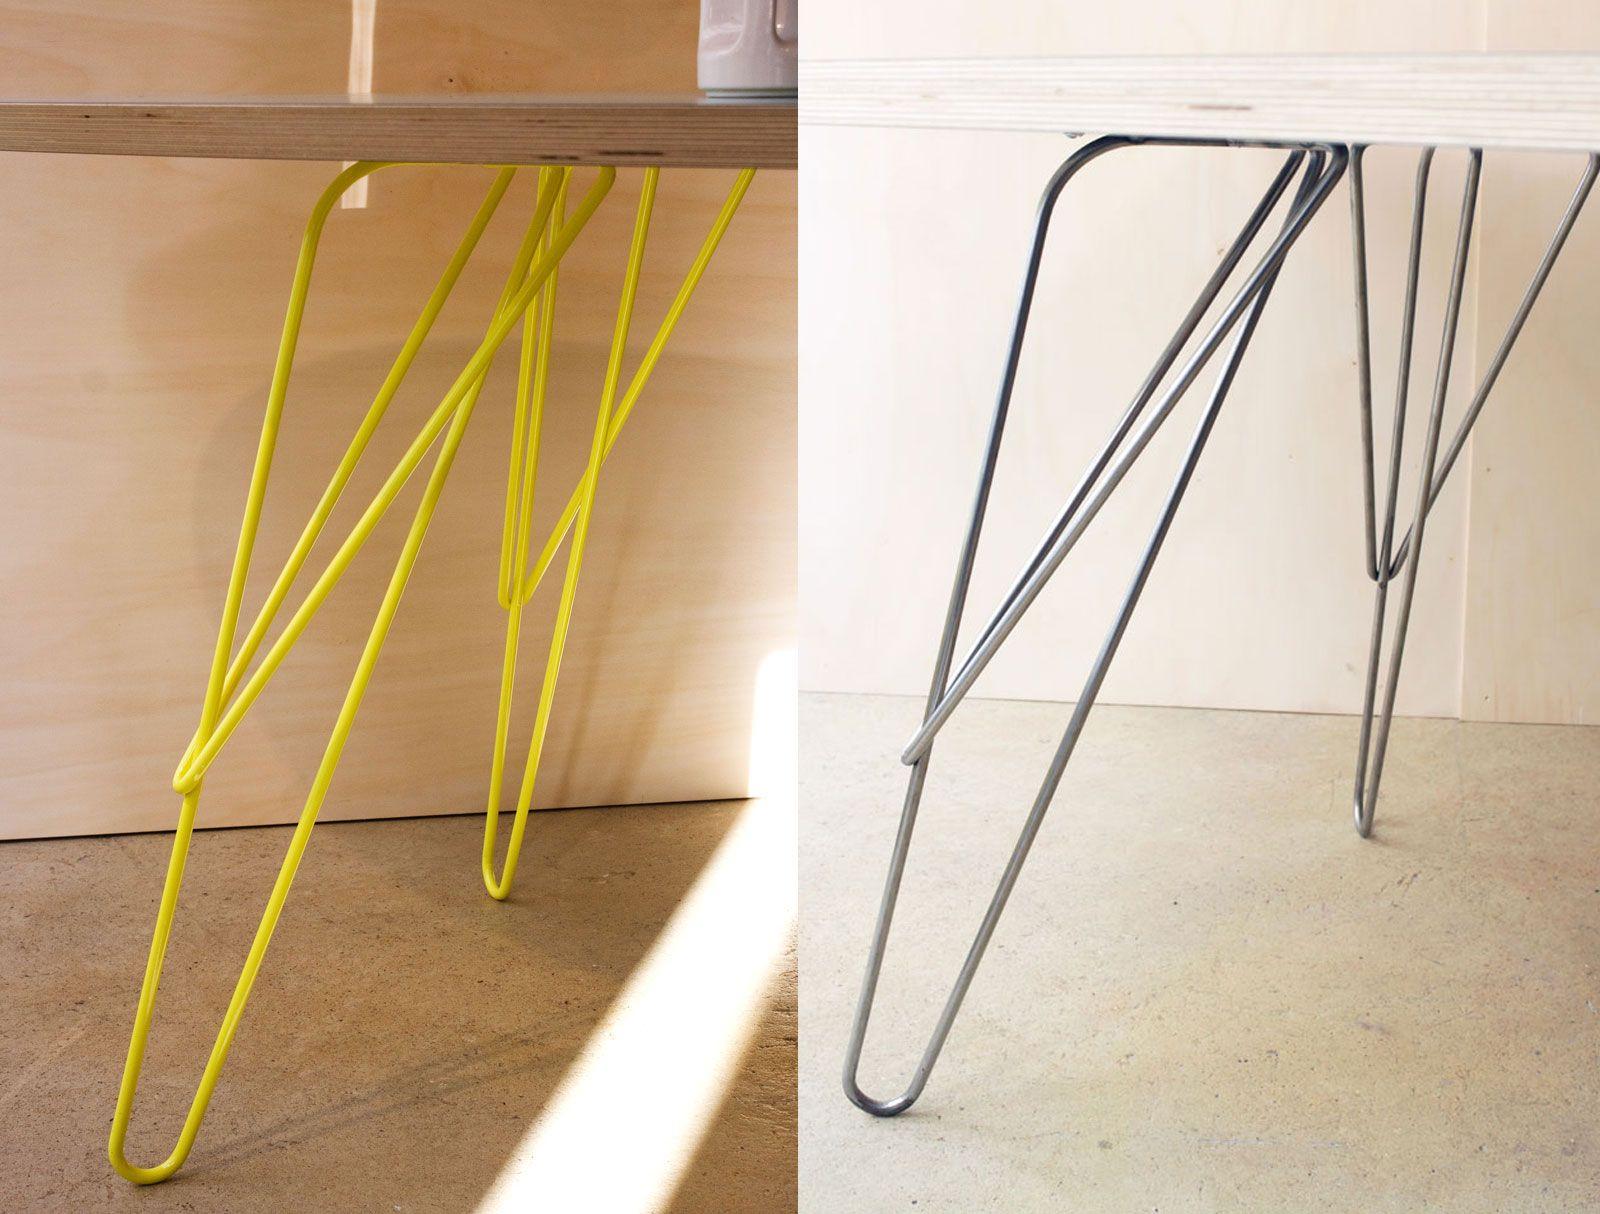 W est un pied de table modulaire en fil de métal aérien et solide